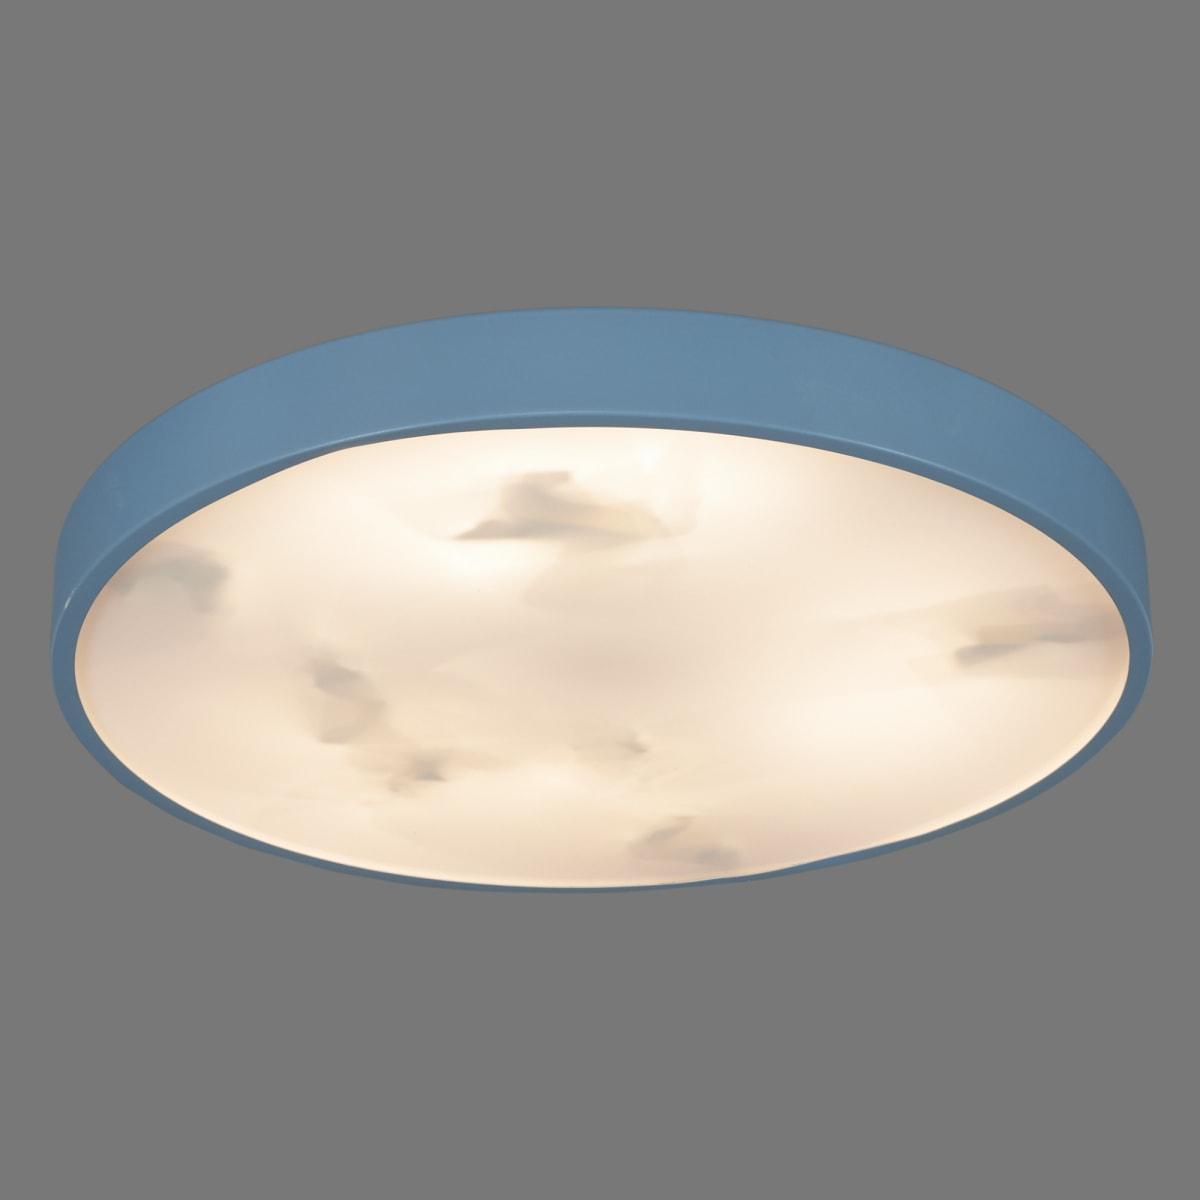 Светильник потолочный светодиодный Color, 25 м², регулируемый цвет света RGBW, цвет синий